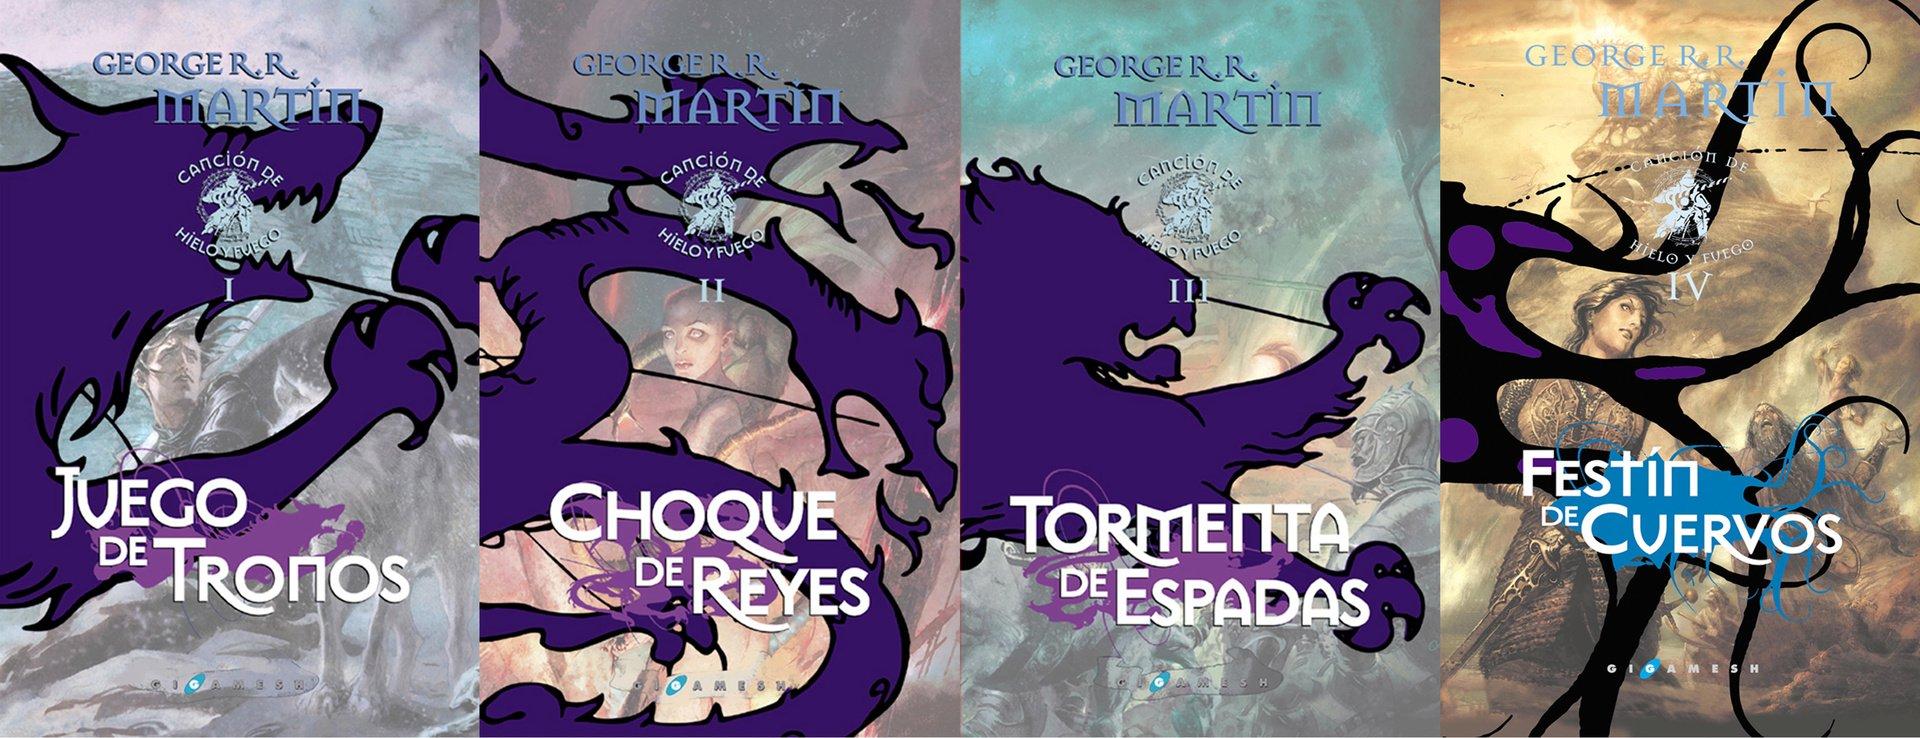 Энрике Короминас (Enrique Jimenez Corominas). Песнь льда и пламени по-испански